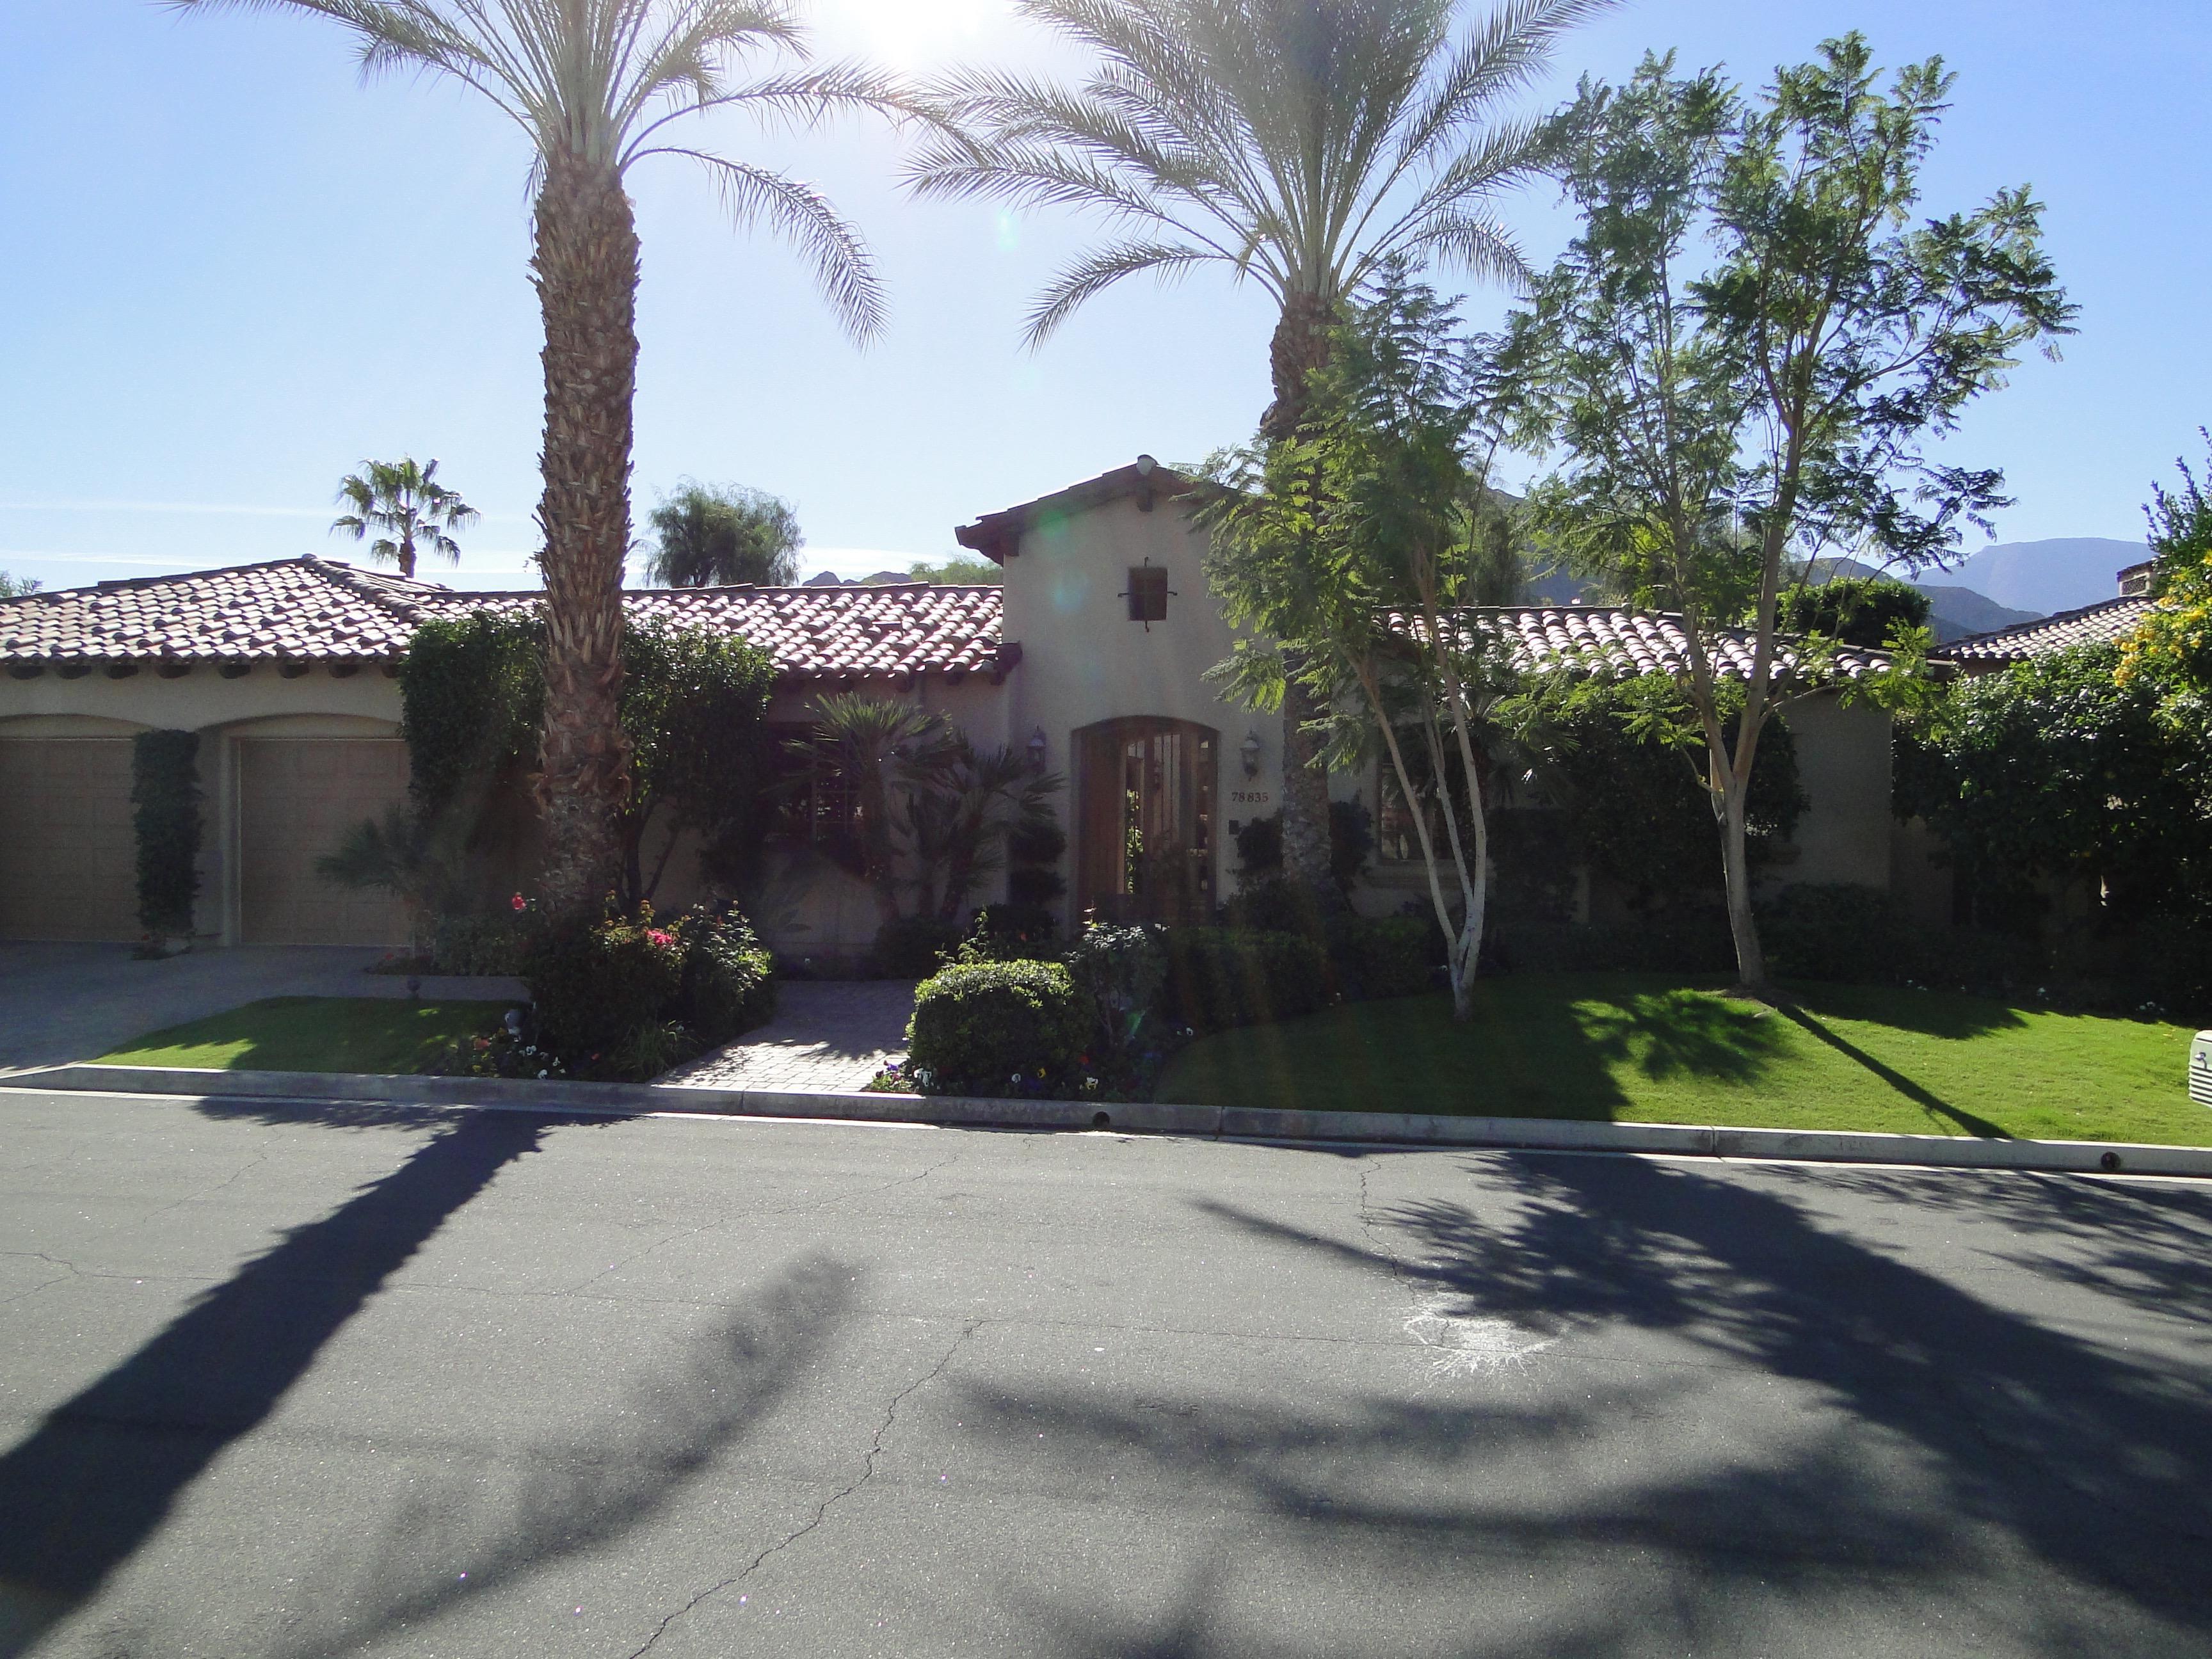 Villa per Vendita alle ore 78835 Pina La Quinta, California, 92253 Stati Uniti